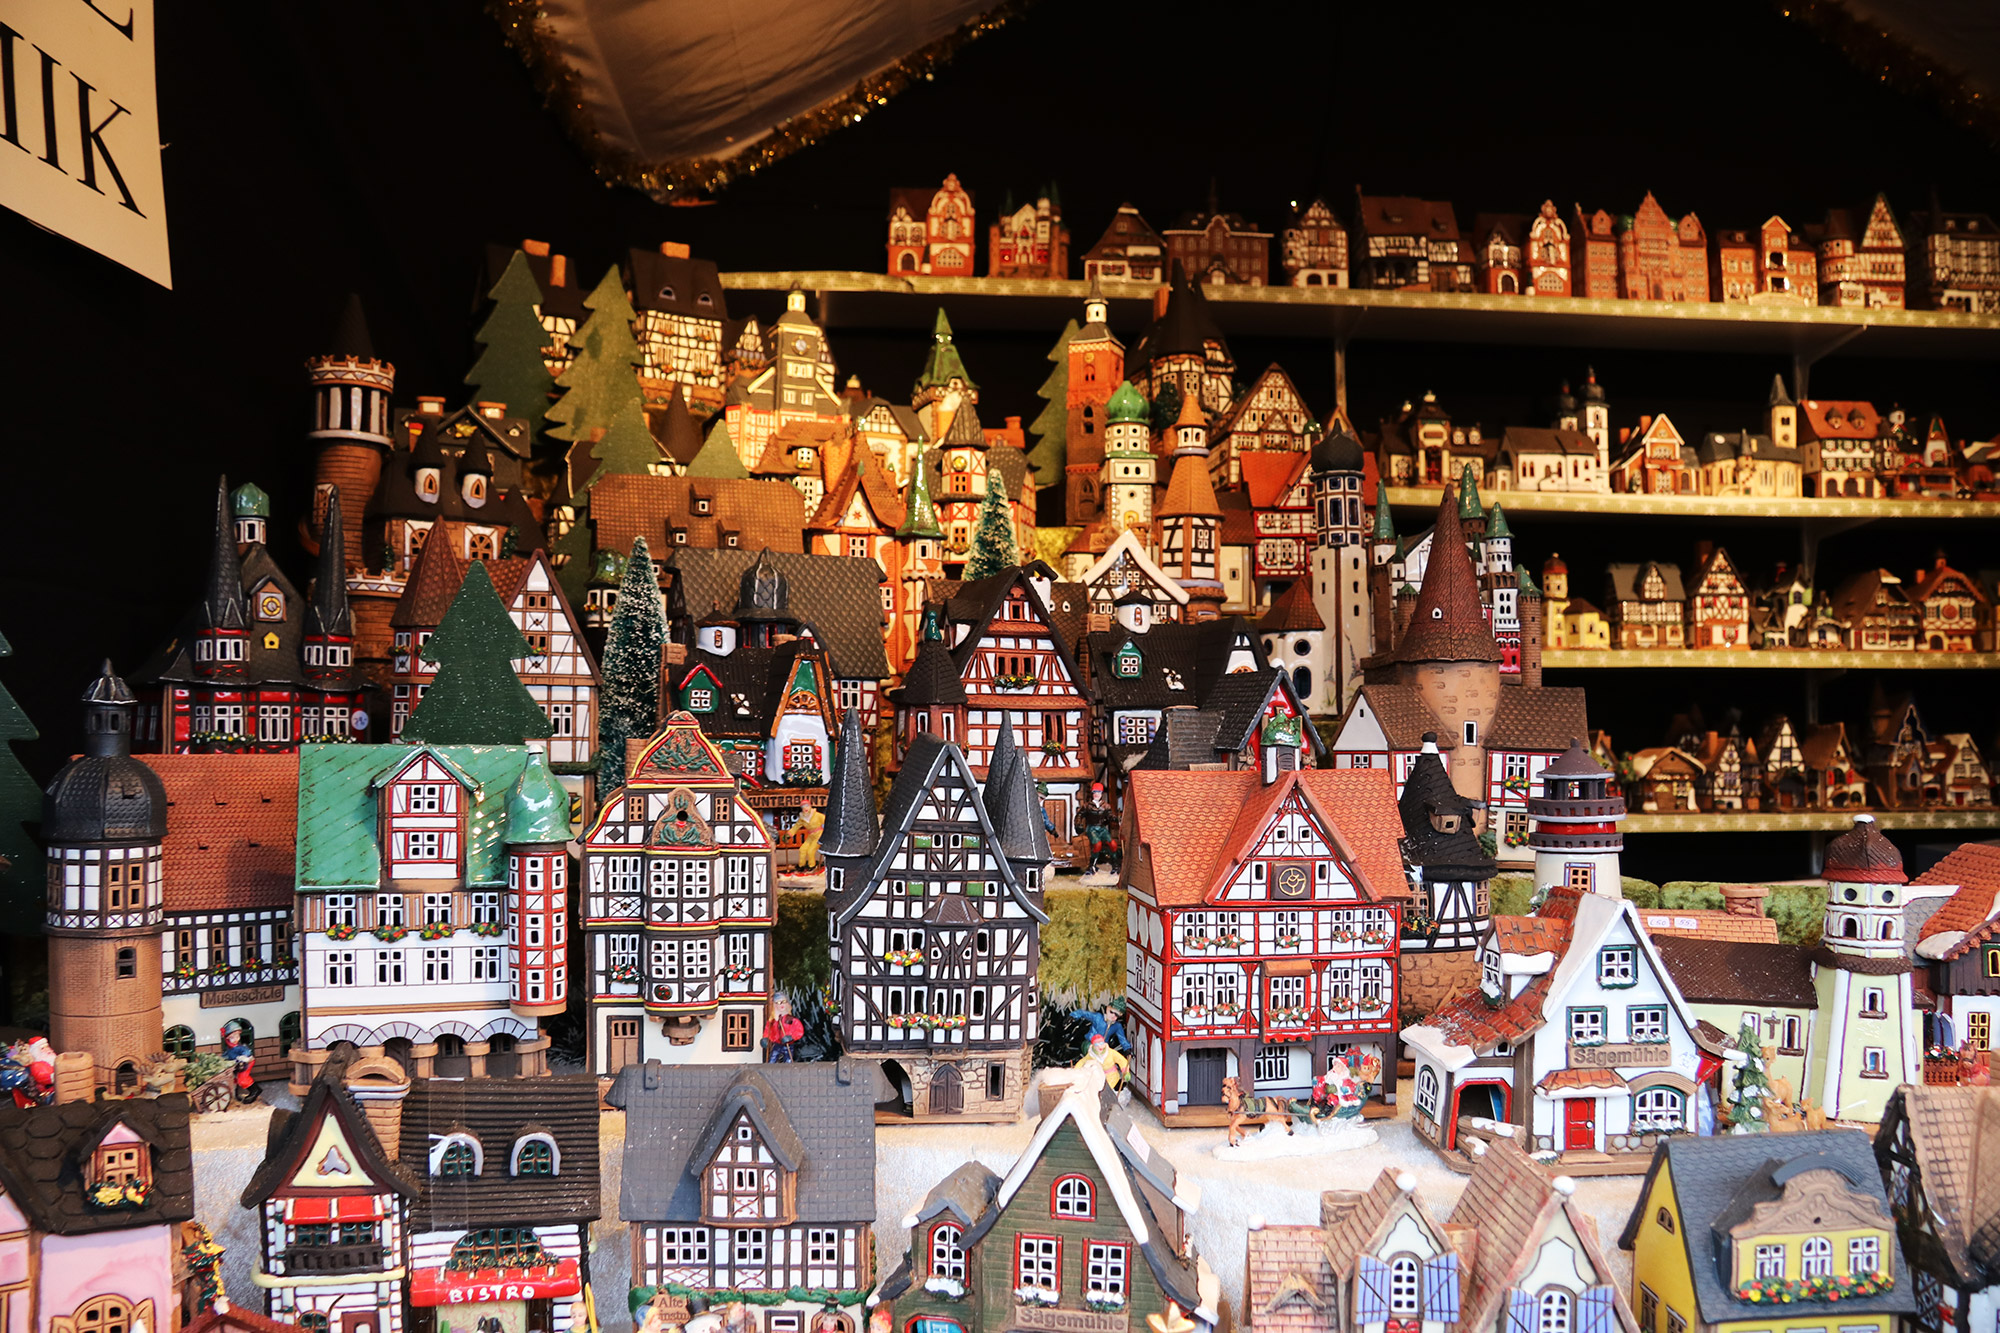 oberhausen kerstmarkt mijn tips